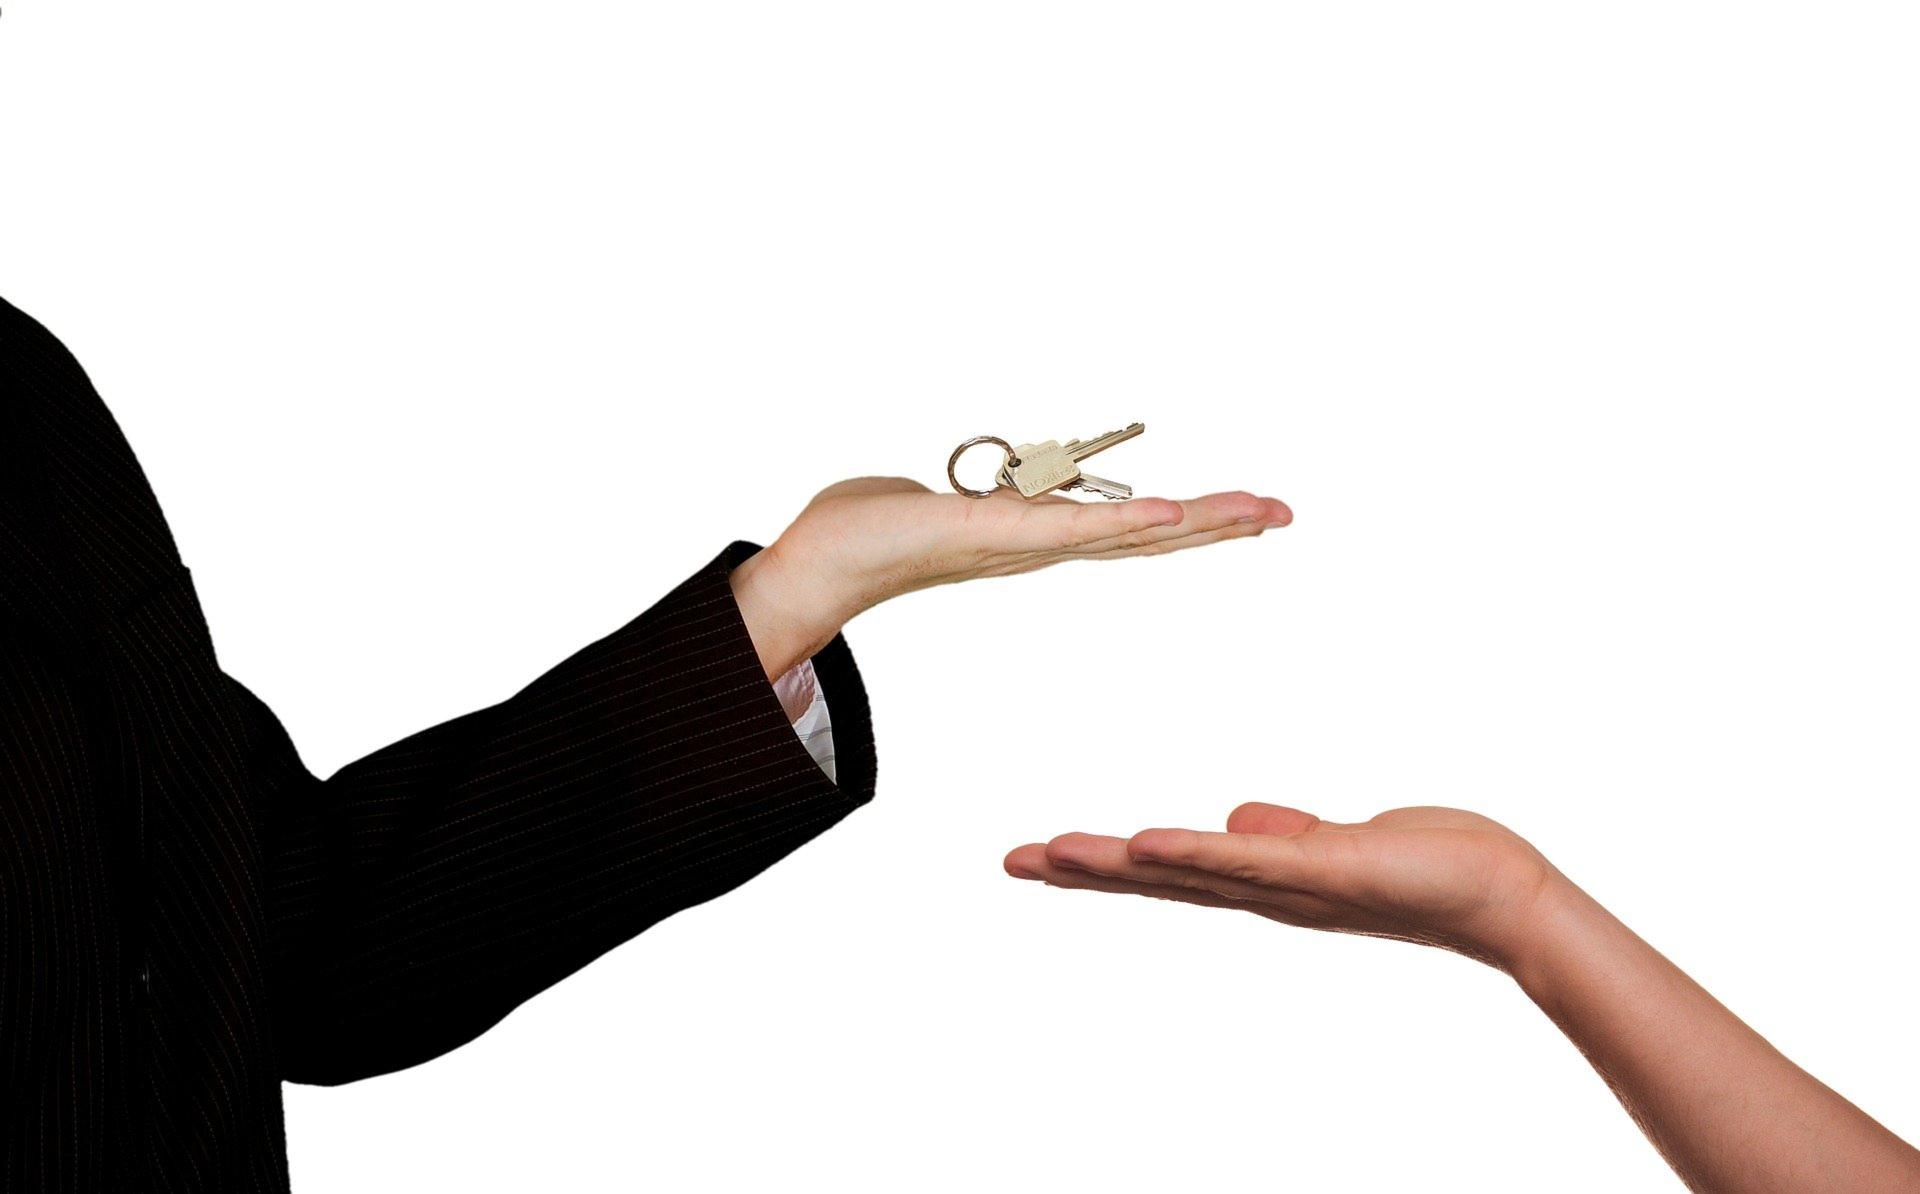 Низкая цена продаваемой квартиры — это повод насторожиться